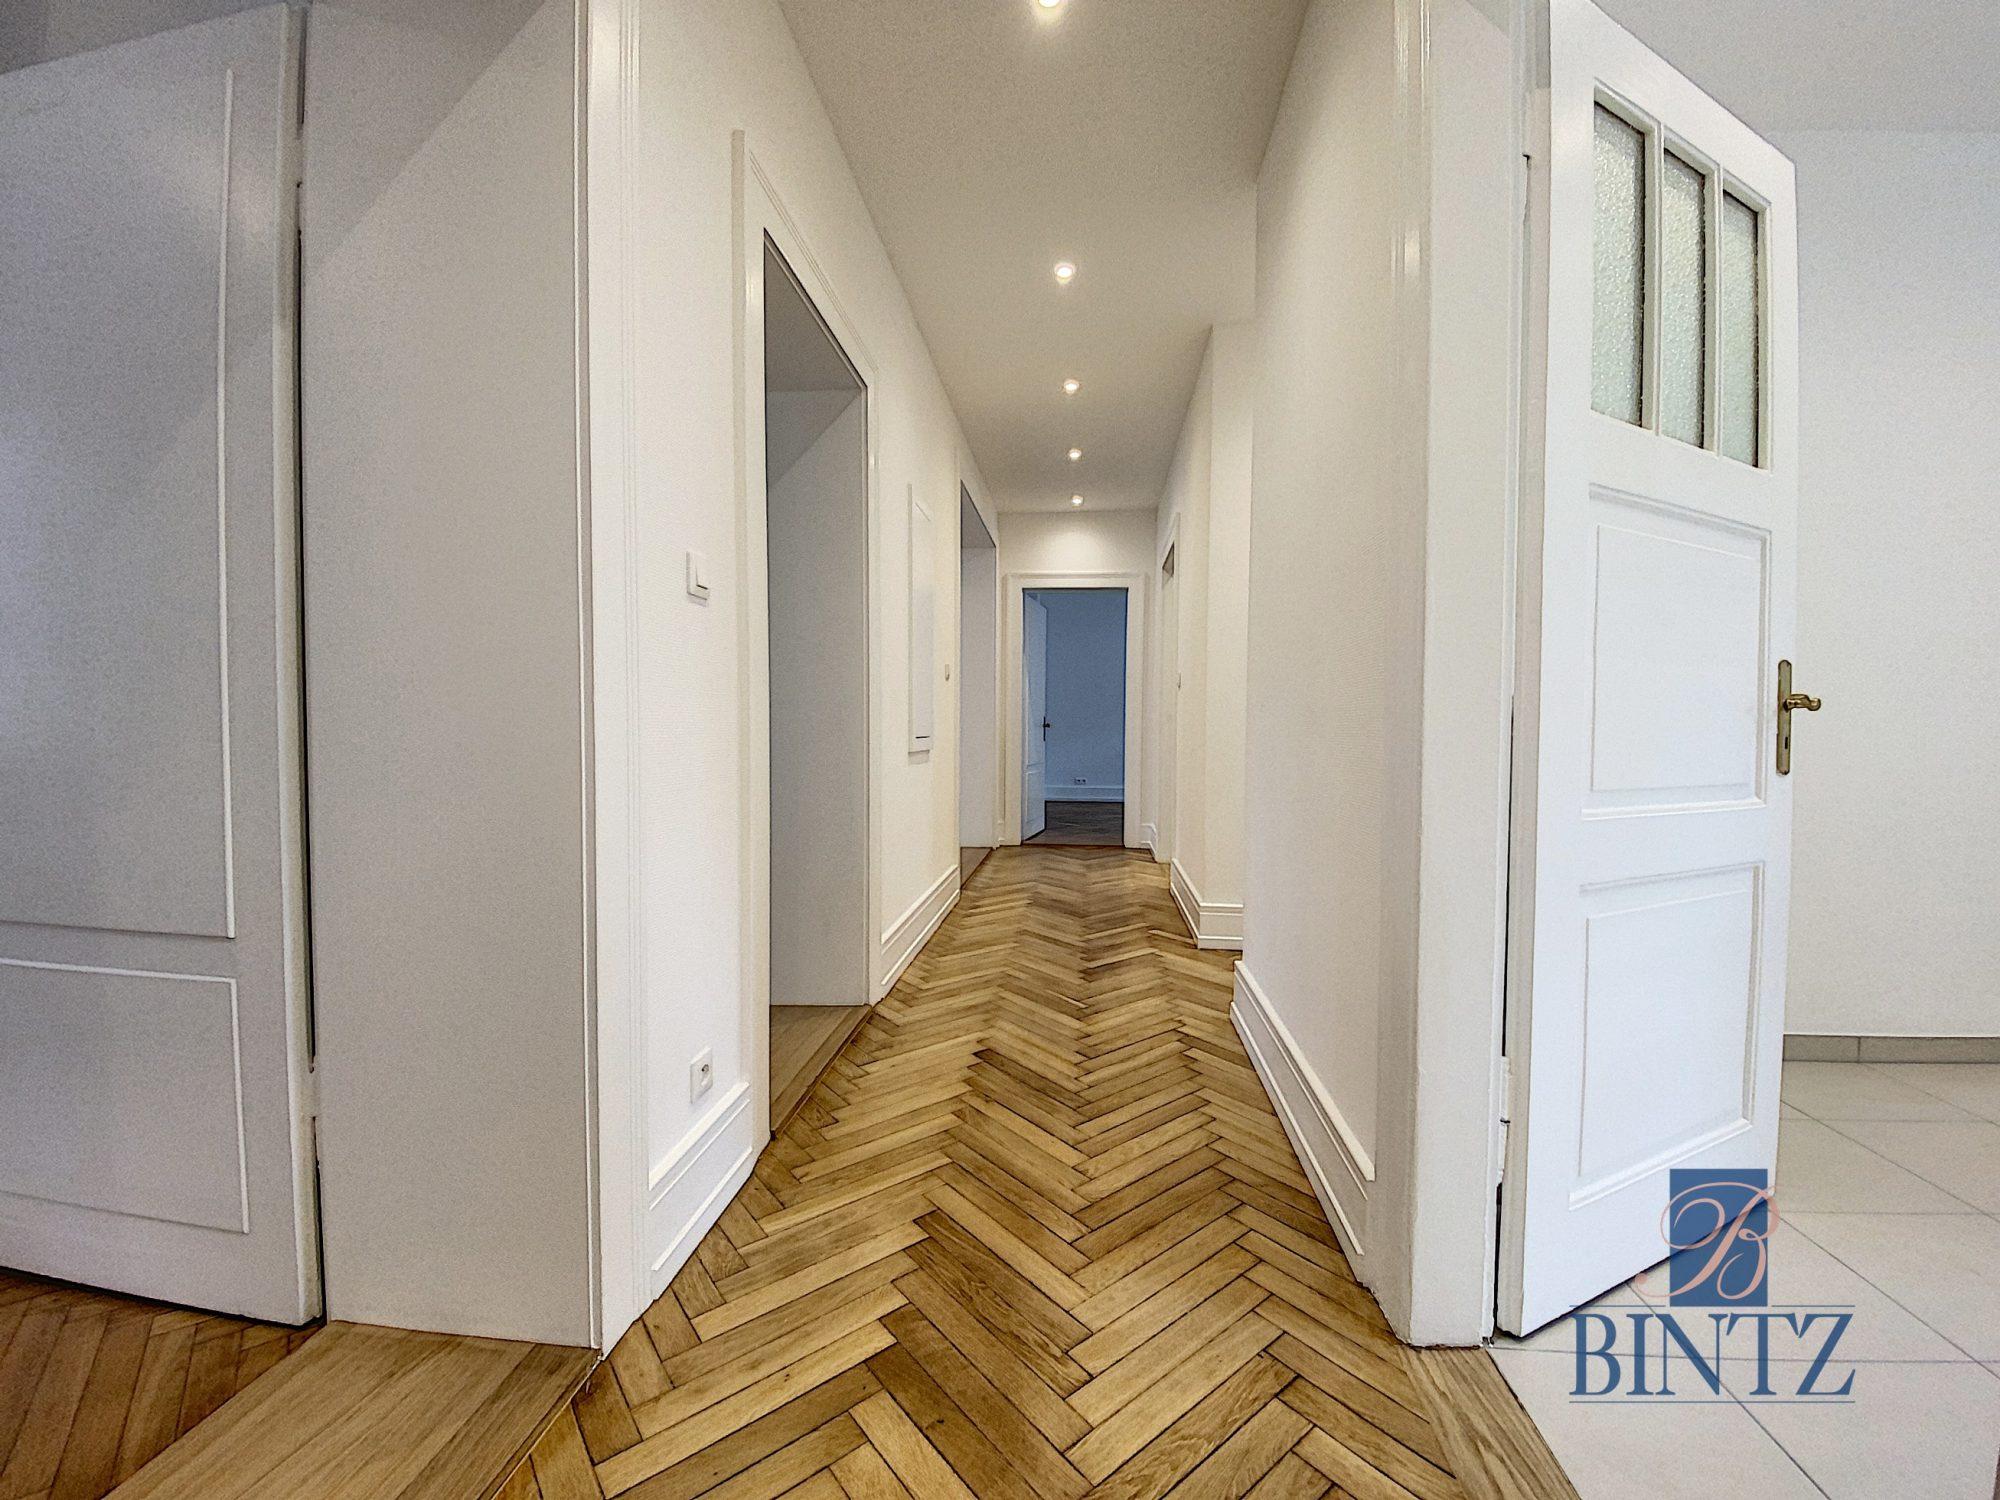 SUPERBE 4 PIECES ENTRE JARDIN BOTANIQUE ET ORANGERIE - Devenez locataire en toute sérénité - Bintz Immobilier - 15